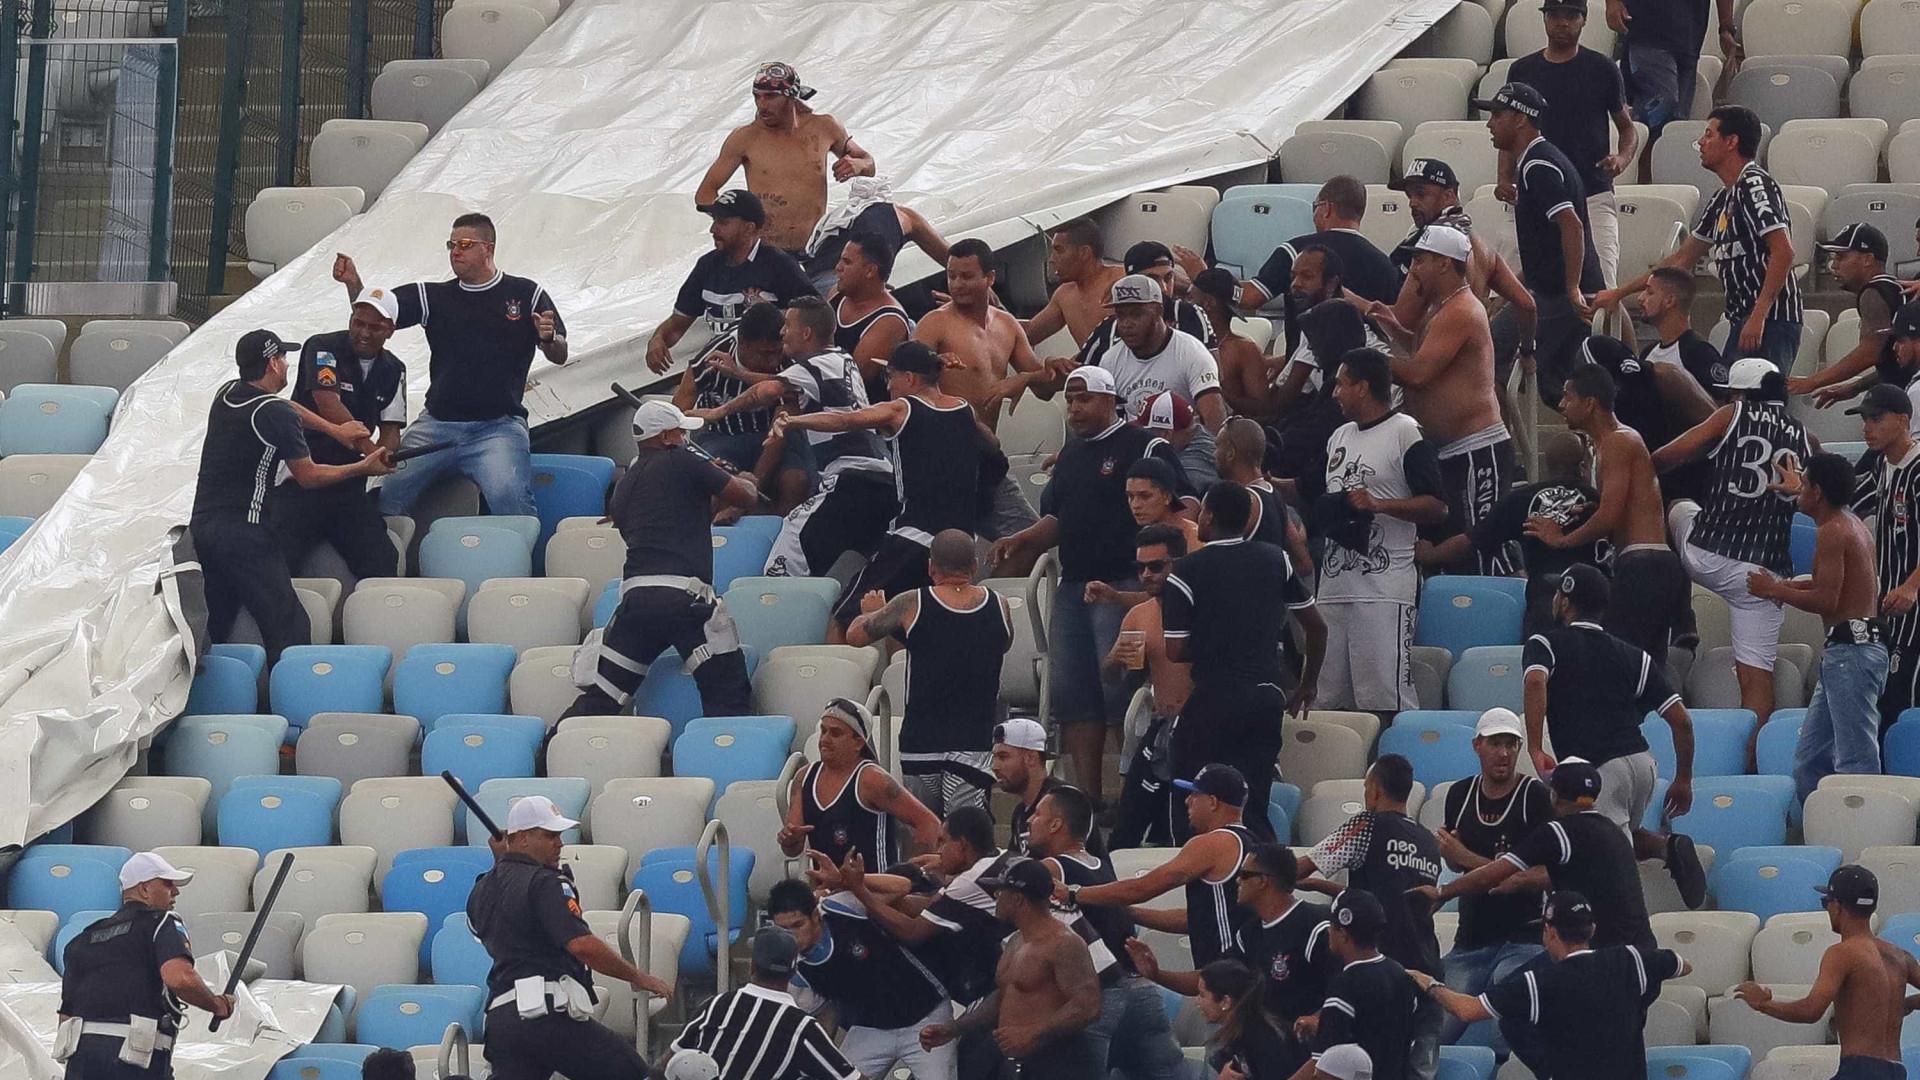 Advogado pede soltura de todos os  corintianos presos no Rio